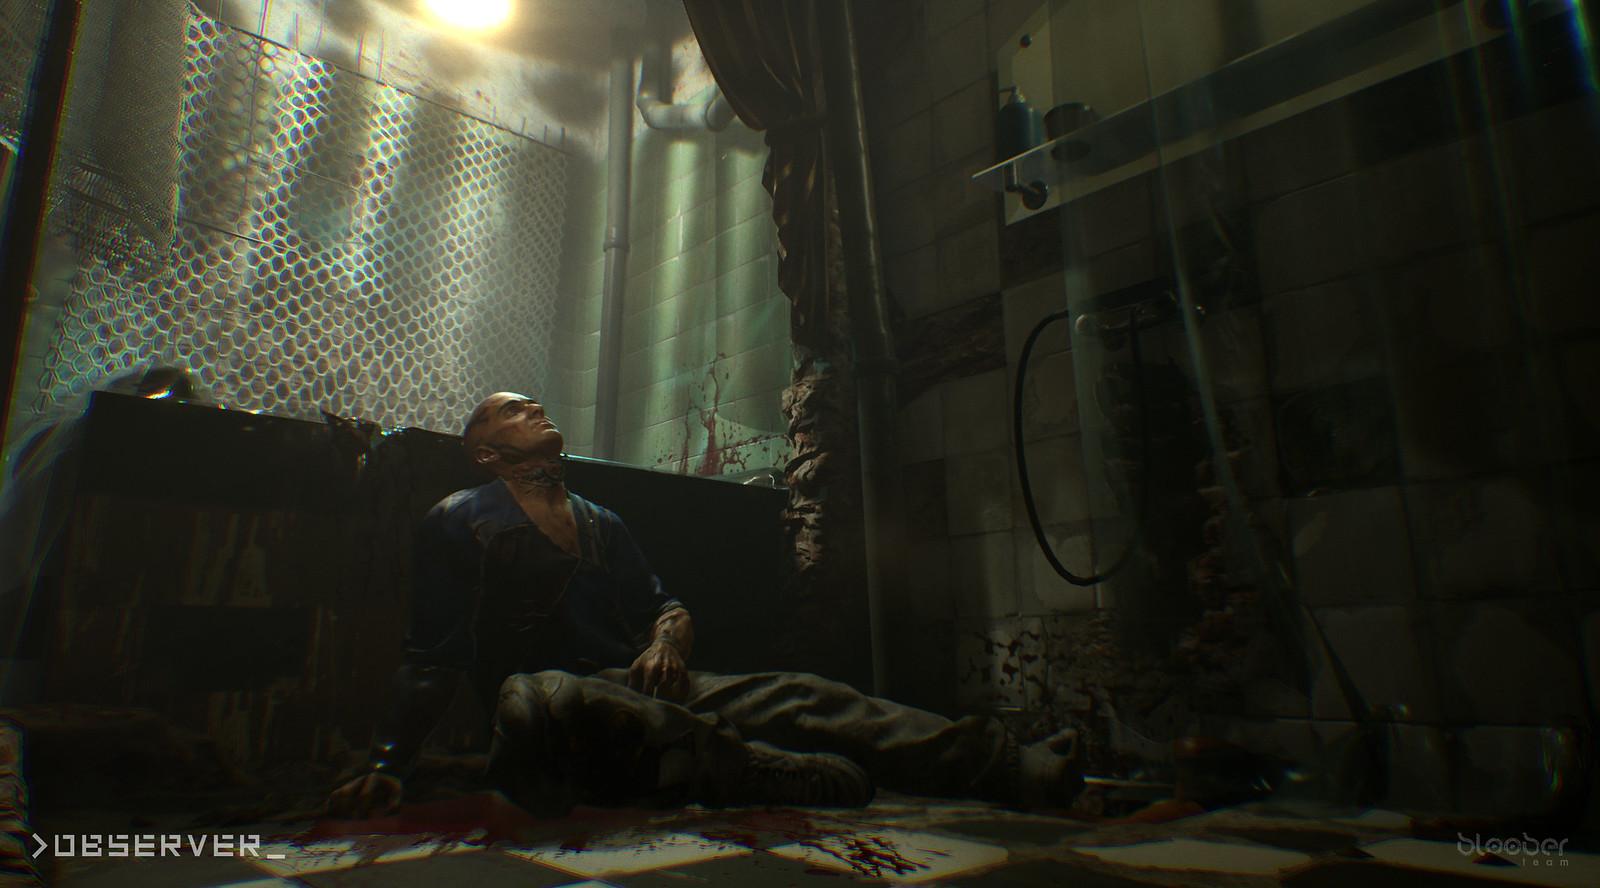 Piratea Recuerdos En El Juego De Survival Horror Cyberpunk En 1ª